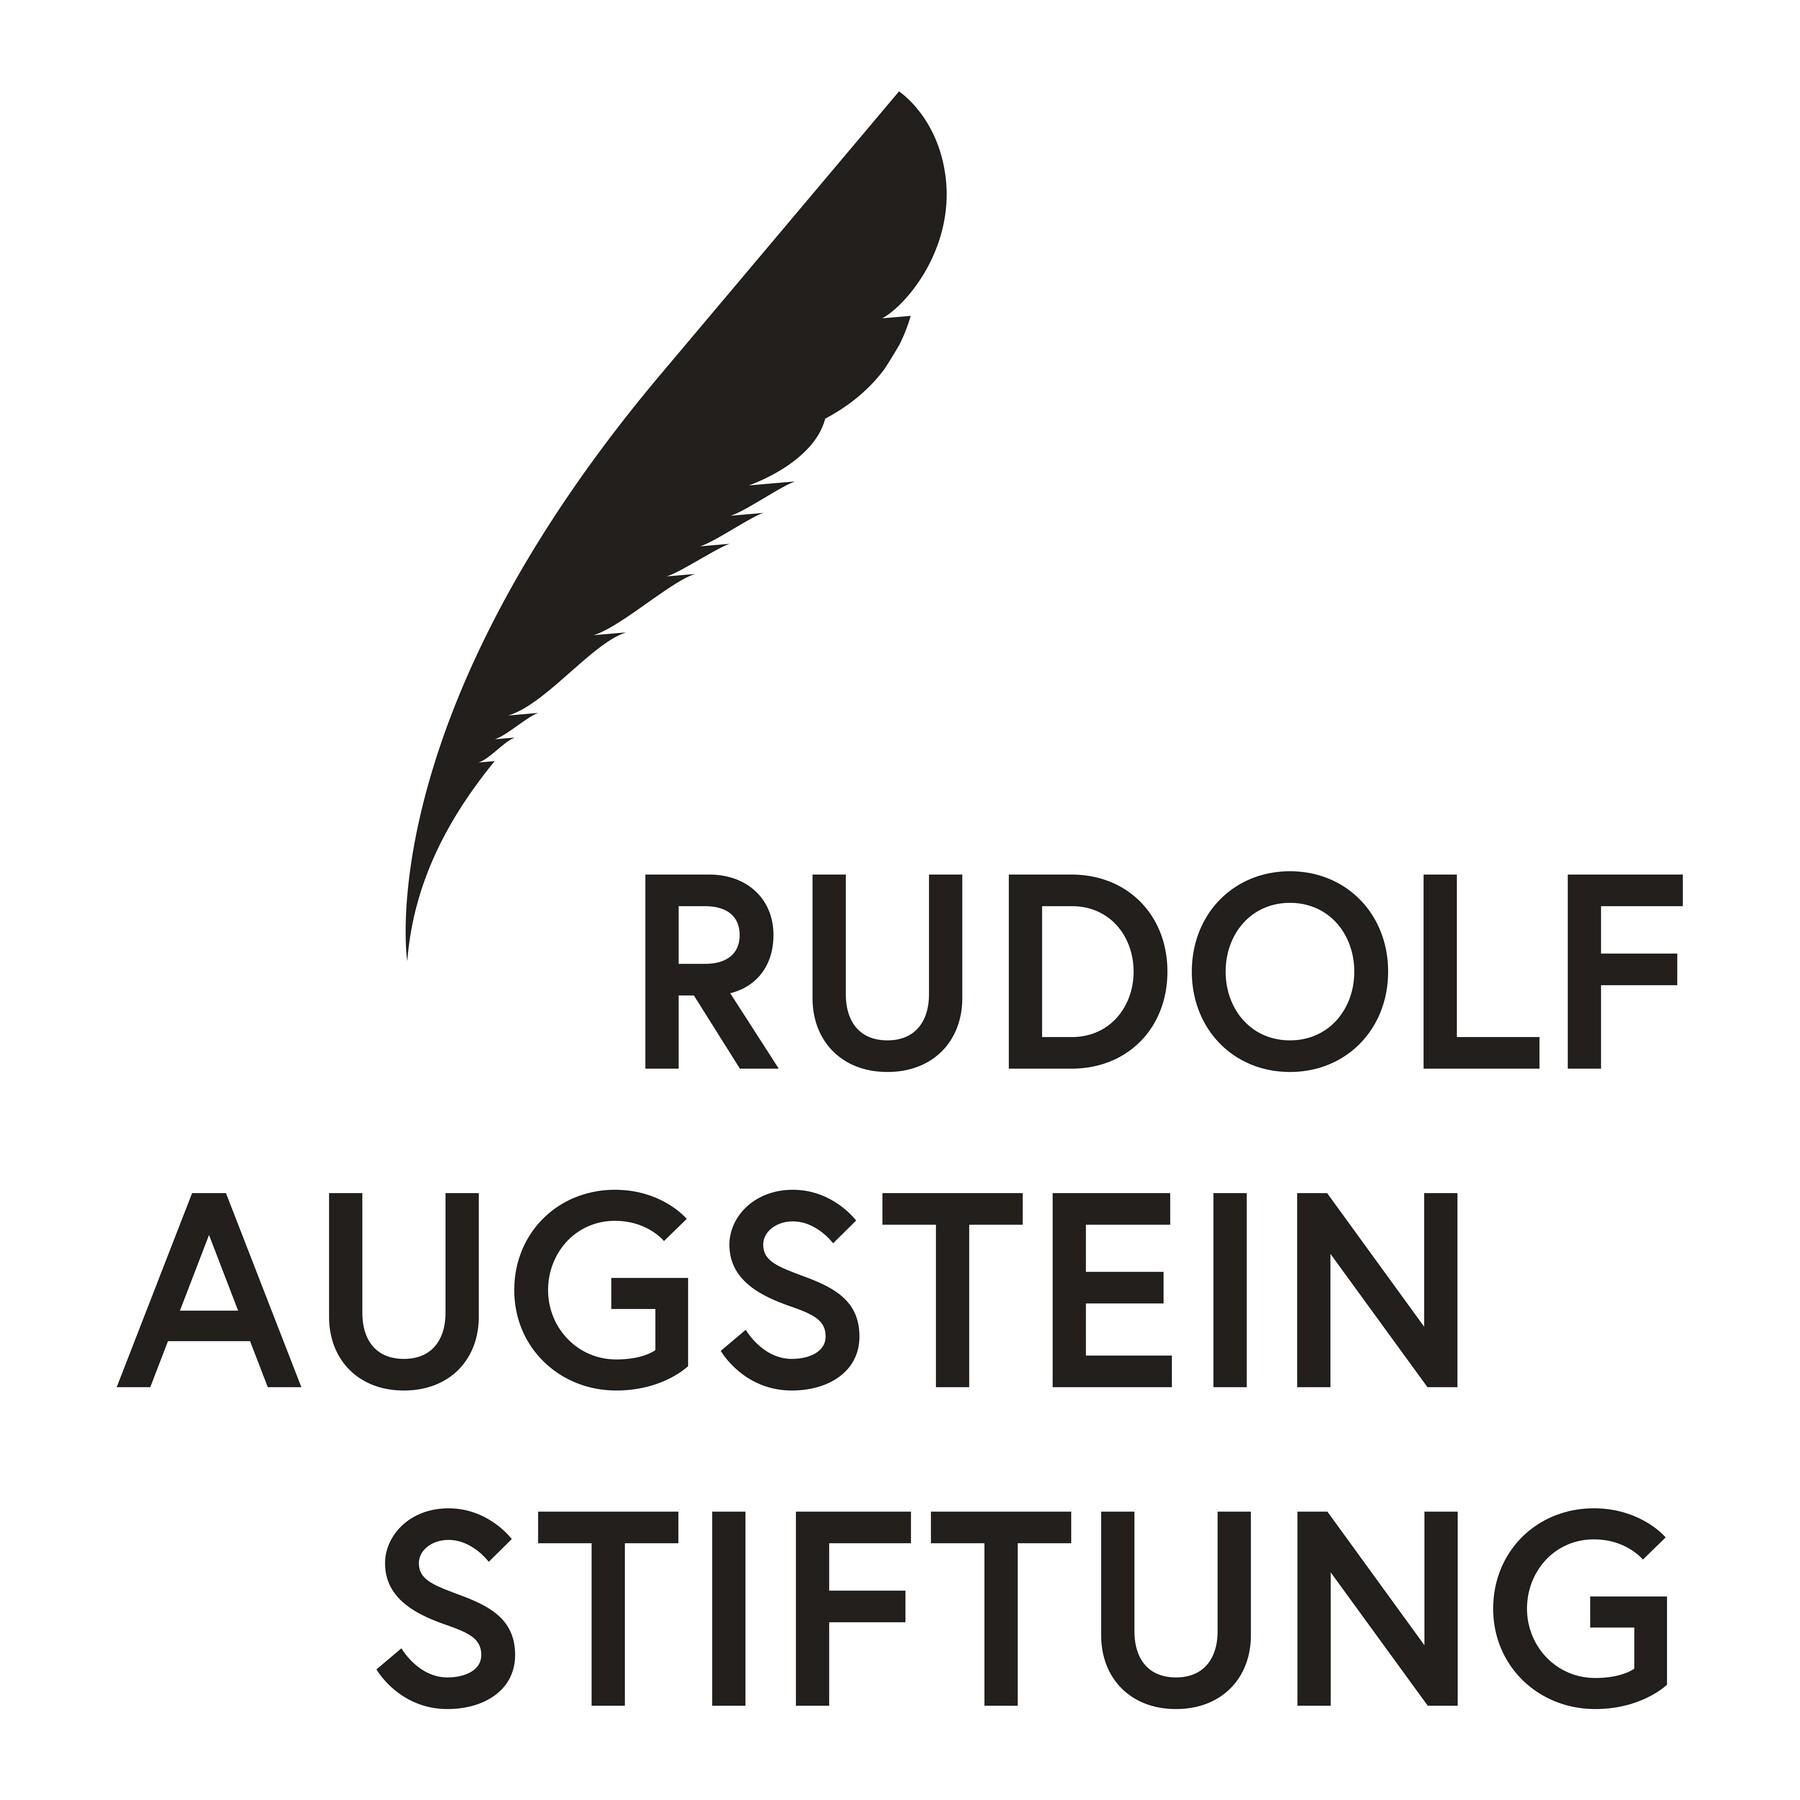 Rudolf Augstein Stiftung Druck Logo Schwarz